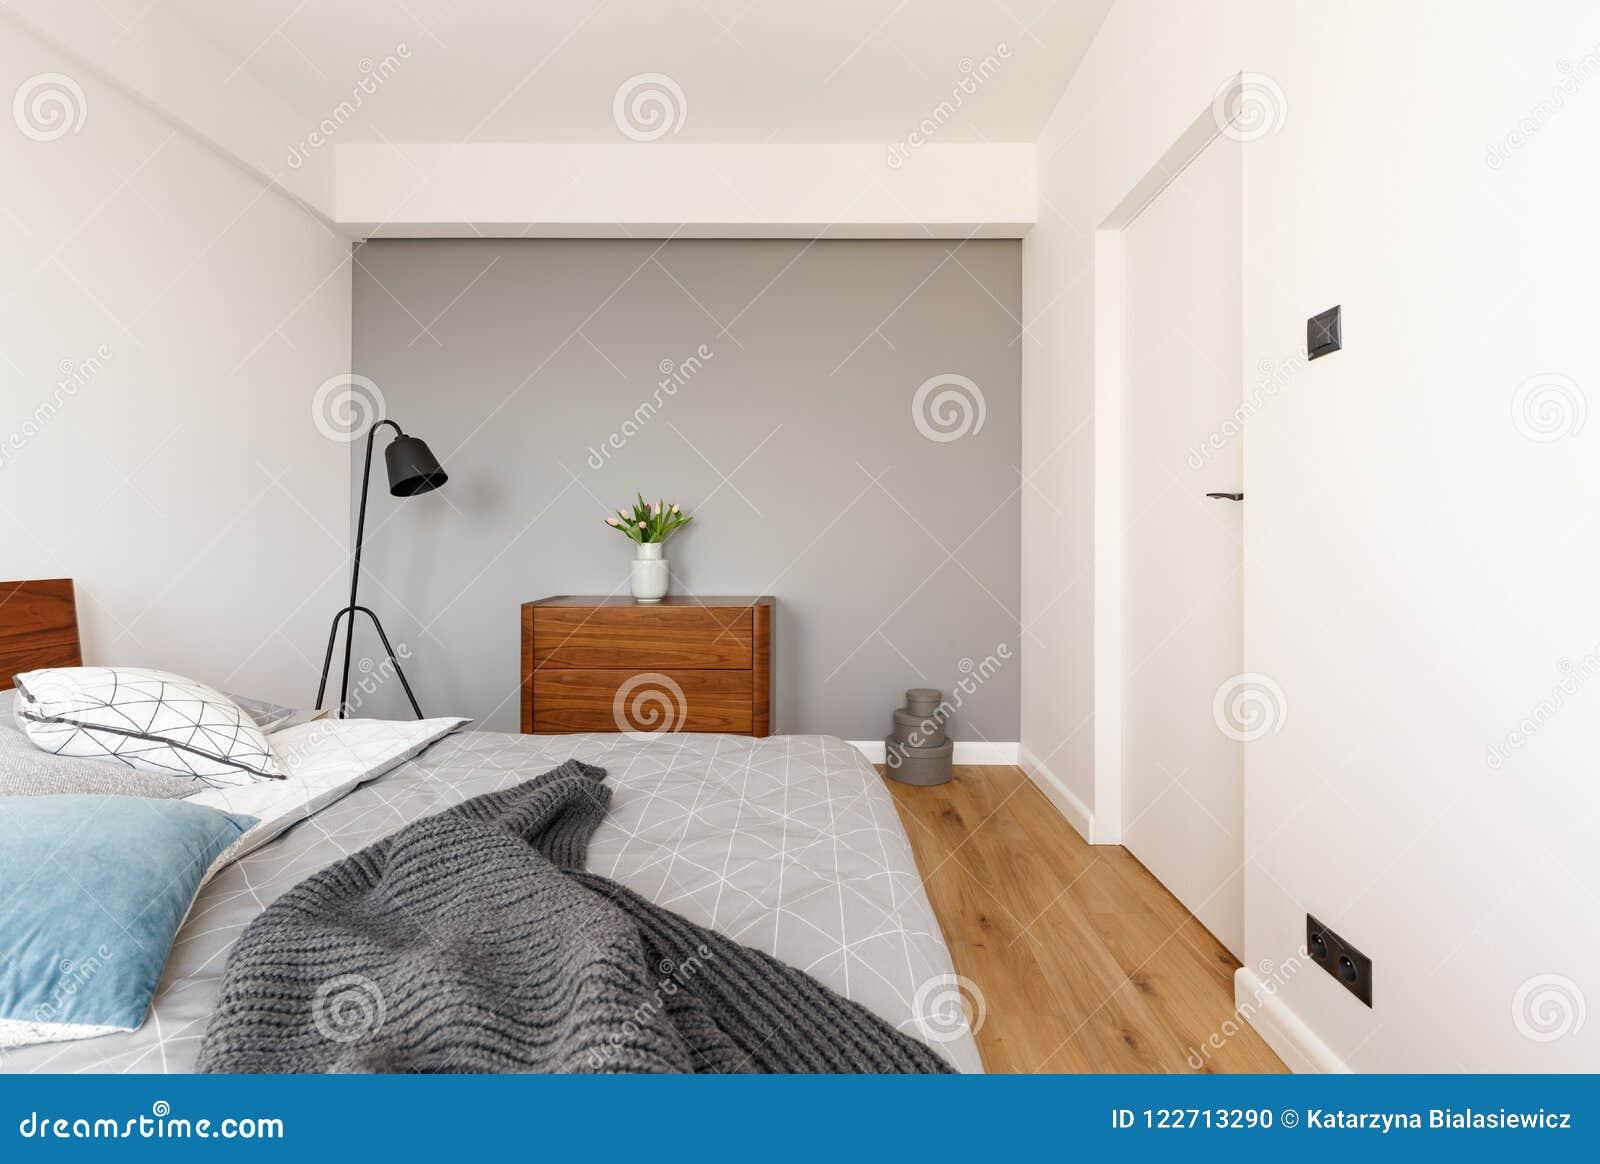 Cobertura cinzenta na cama no interior mínimo do quarto com a planta no Ca